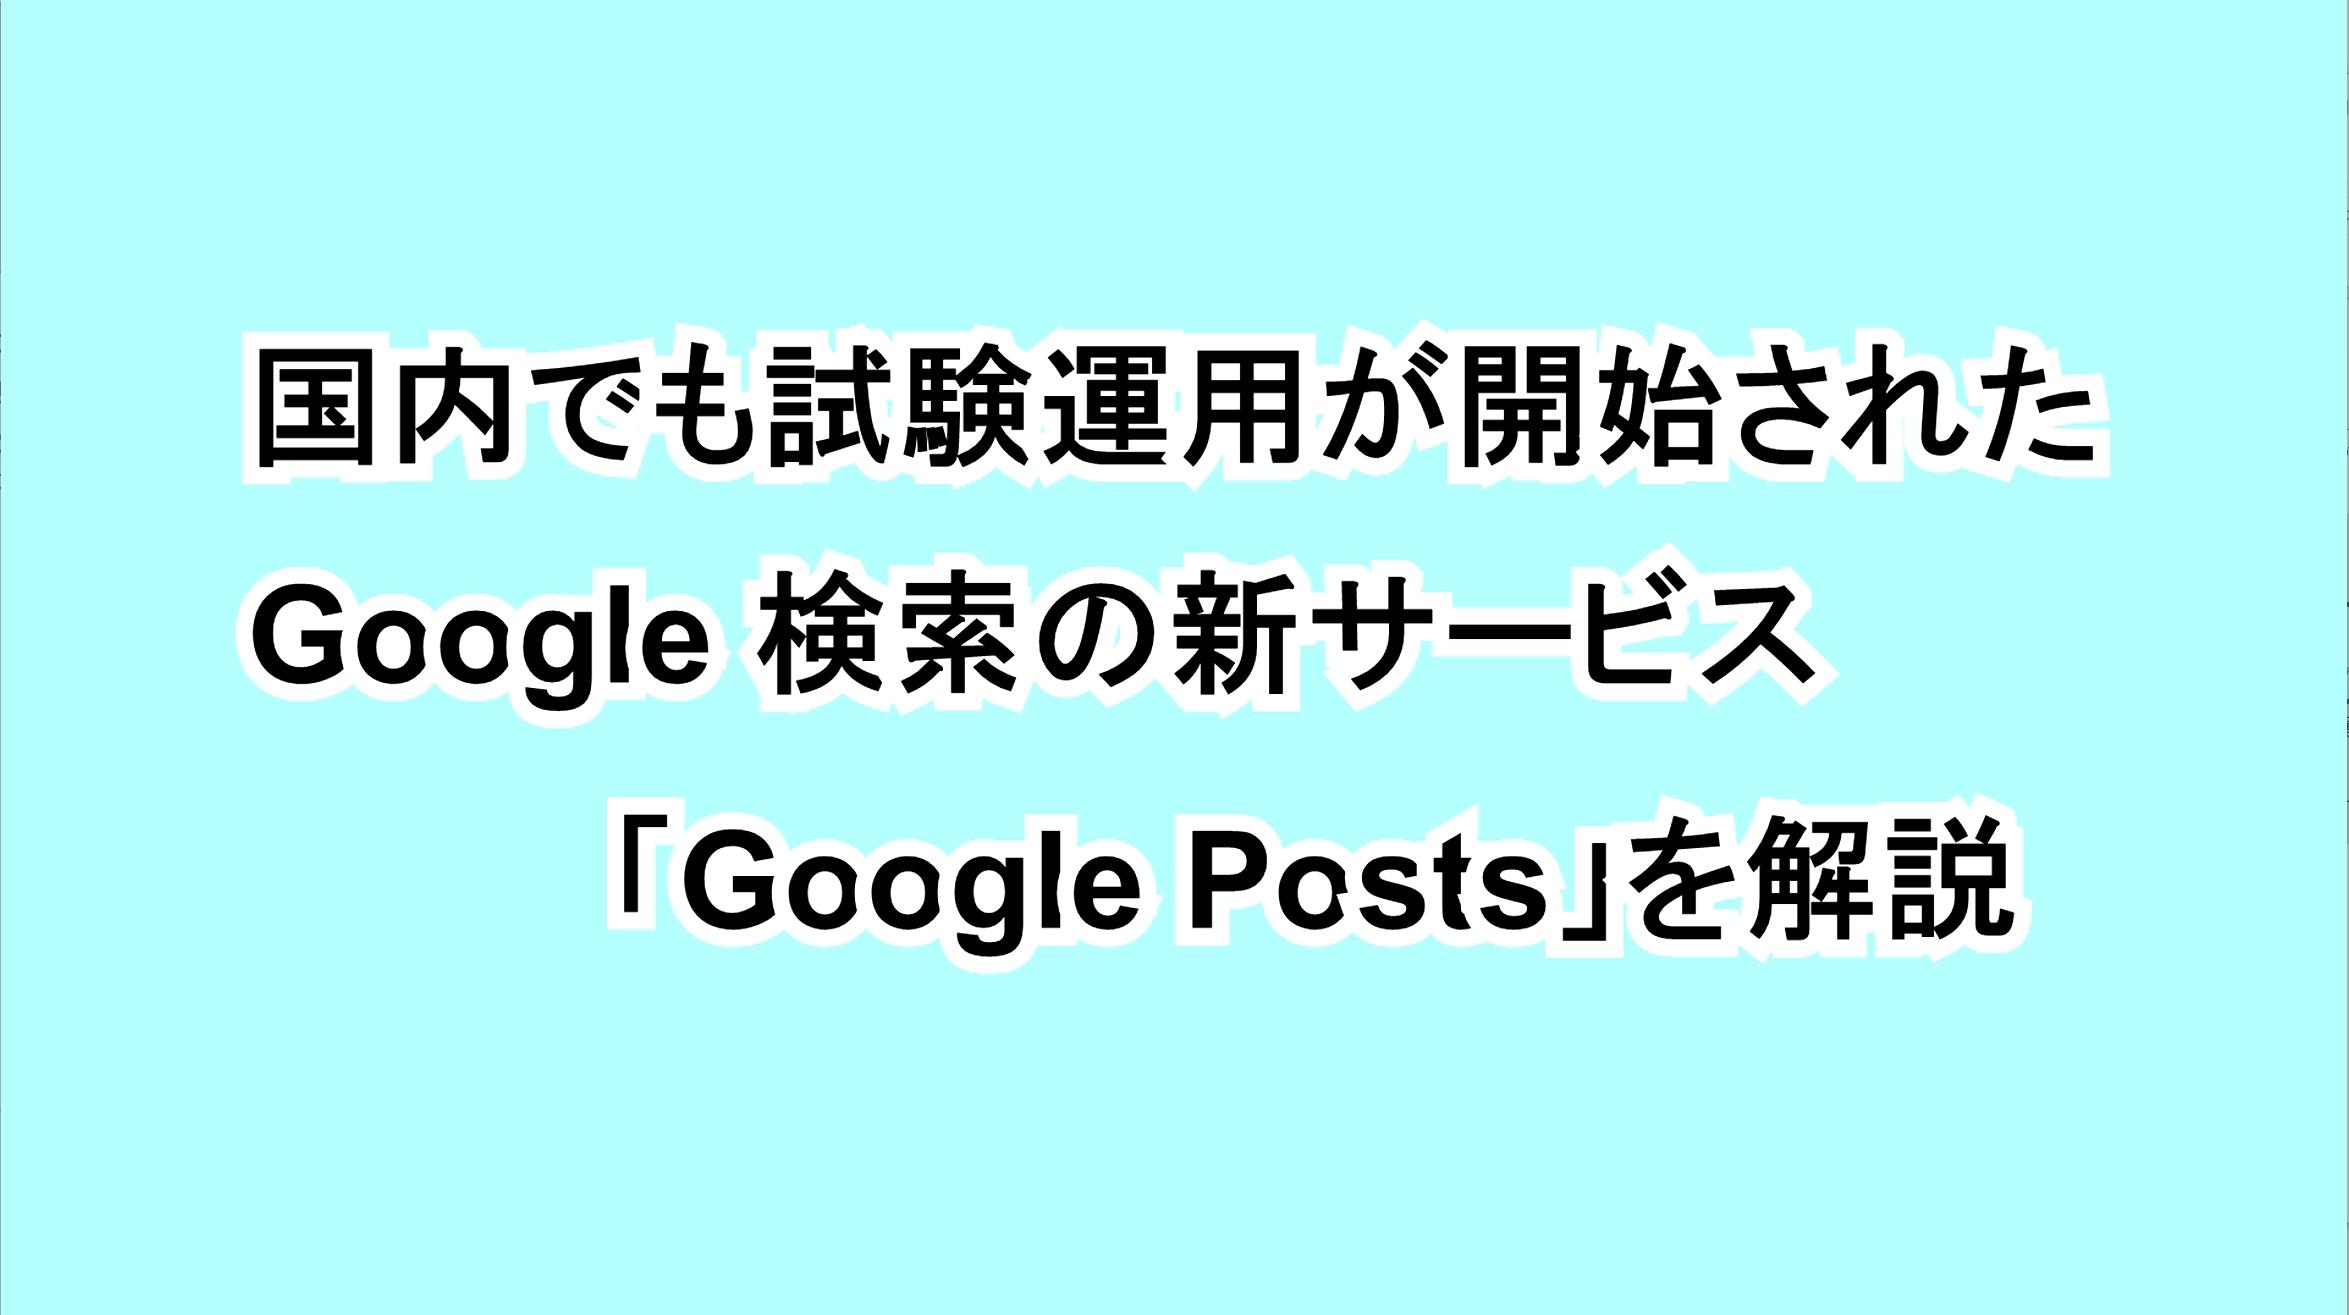 国内でも試験運用が開始されたGoogle検索の新サービス「Google Posts」を解説